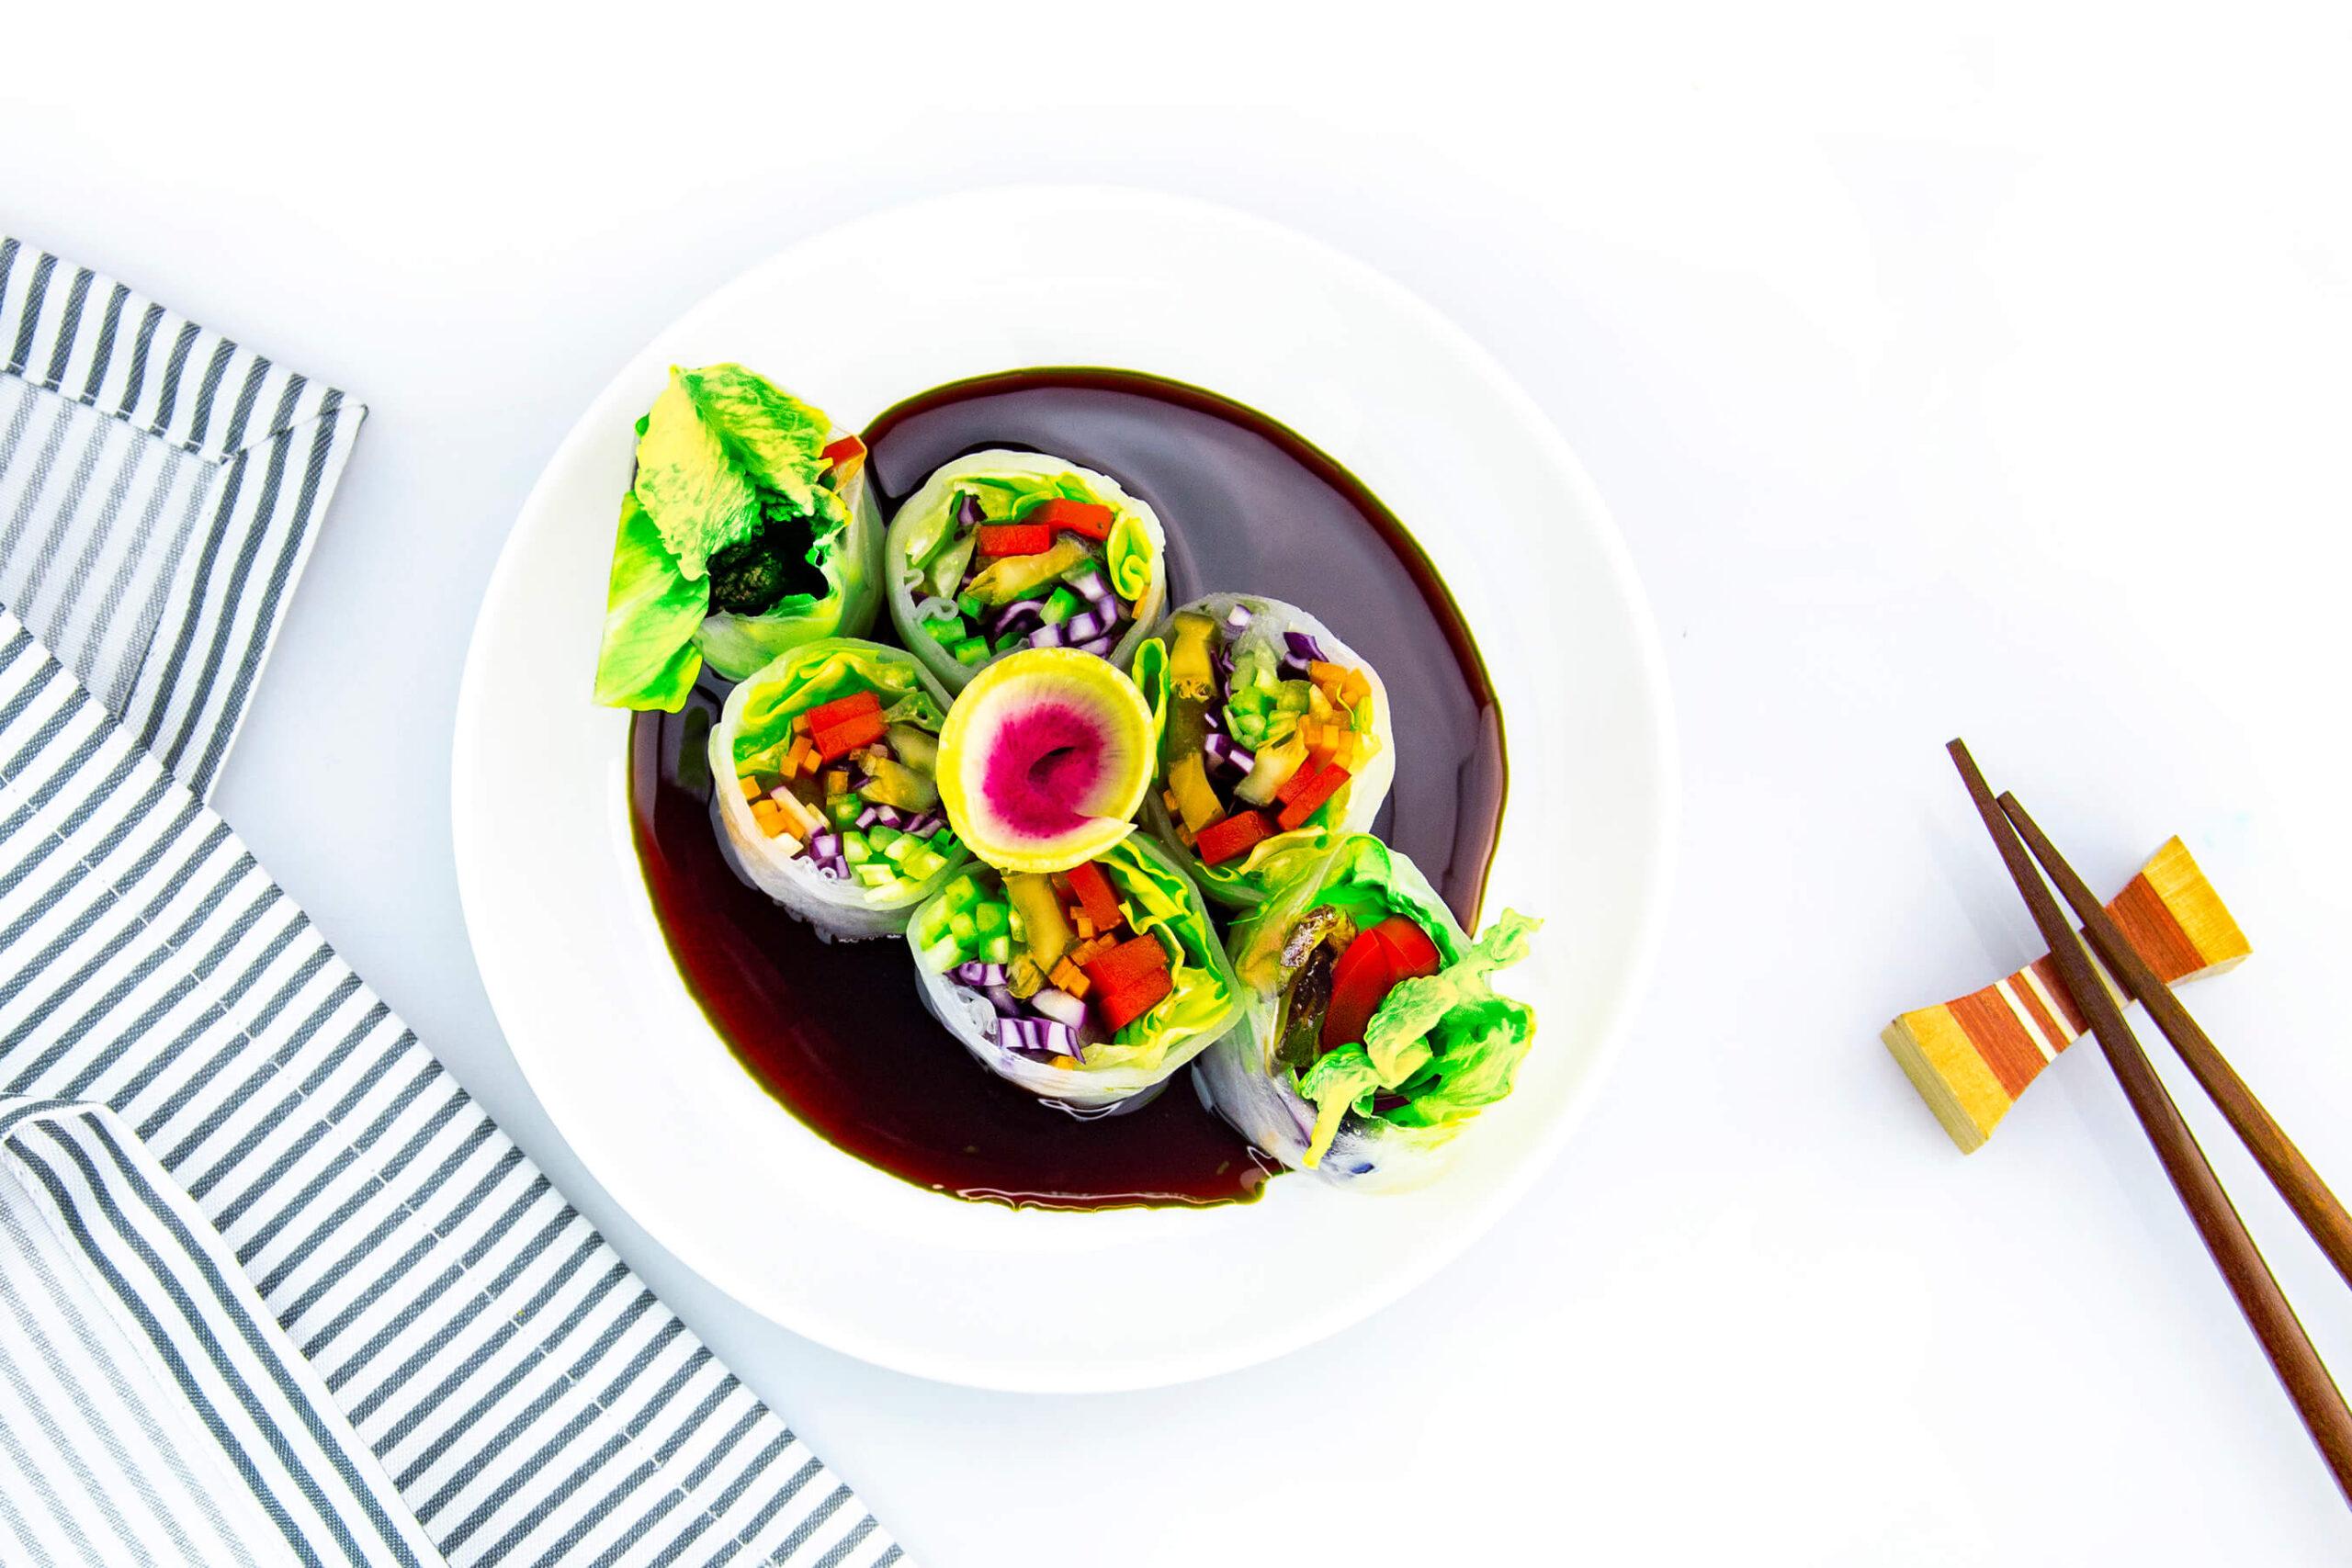 Спрінг-роли з овочами в рисовому папері